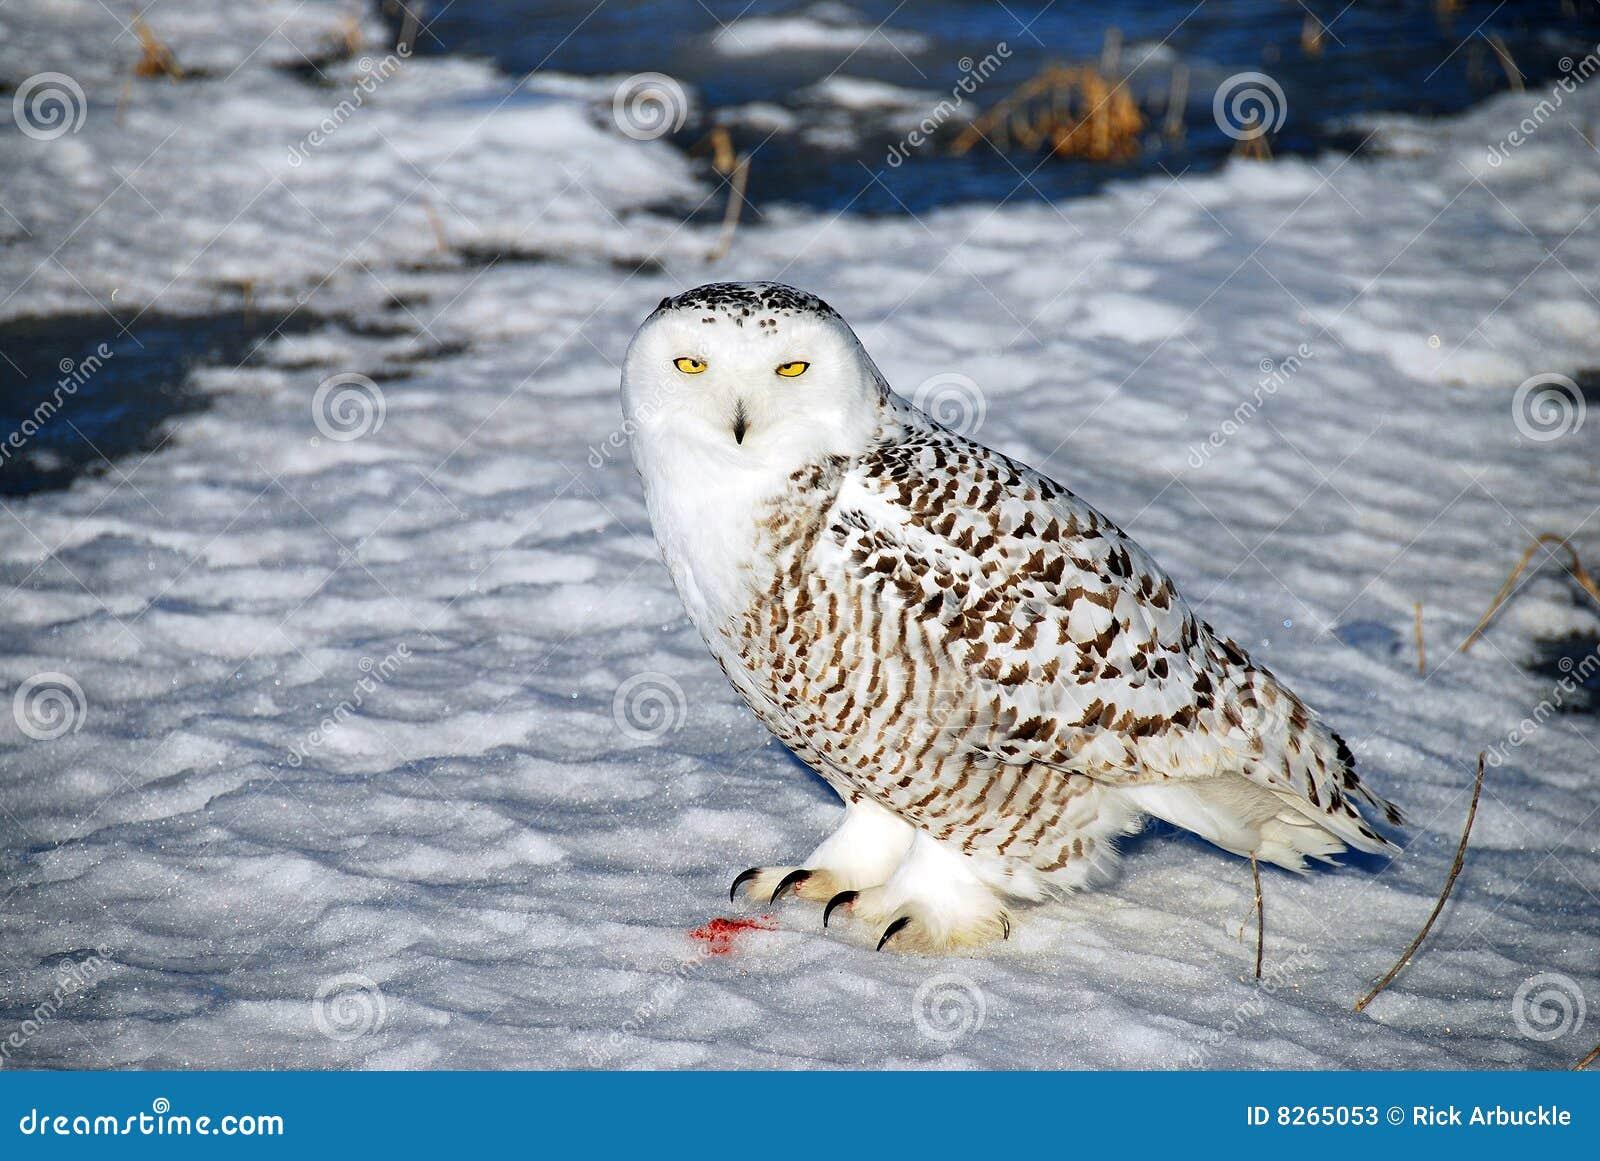 sneeuw uil onbeweeglijk stock foto s afbeelding 8265053